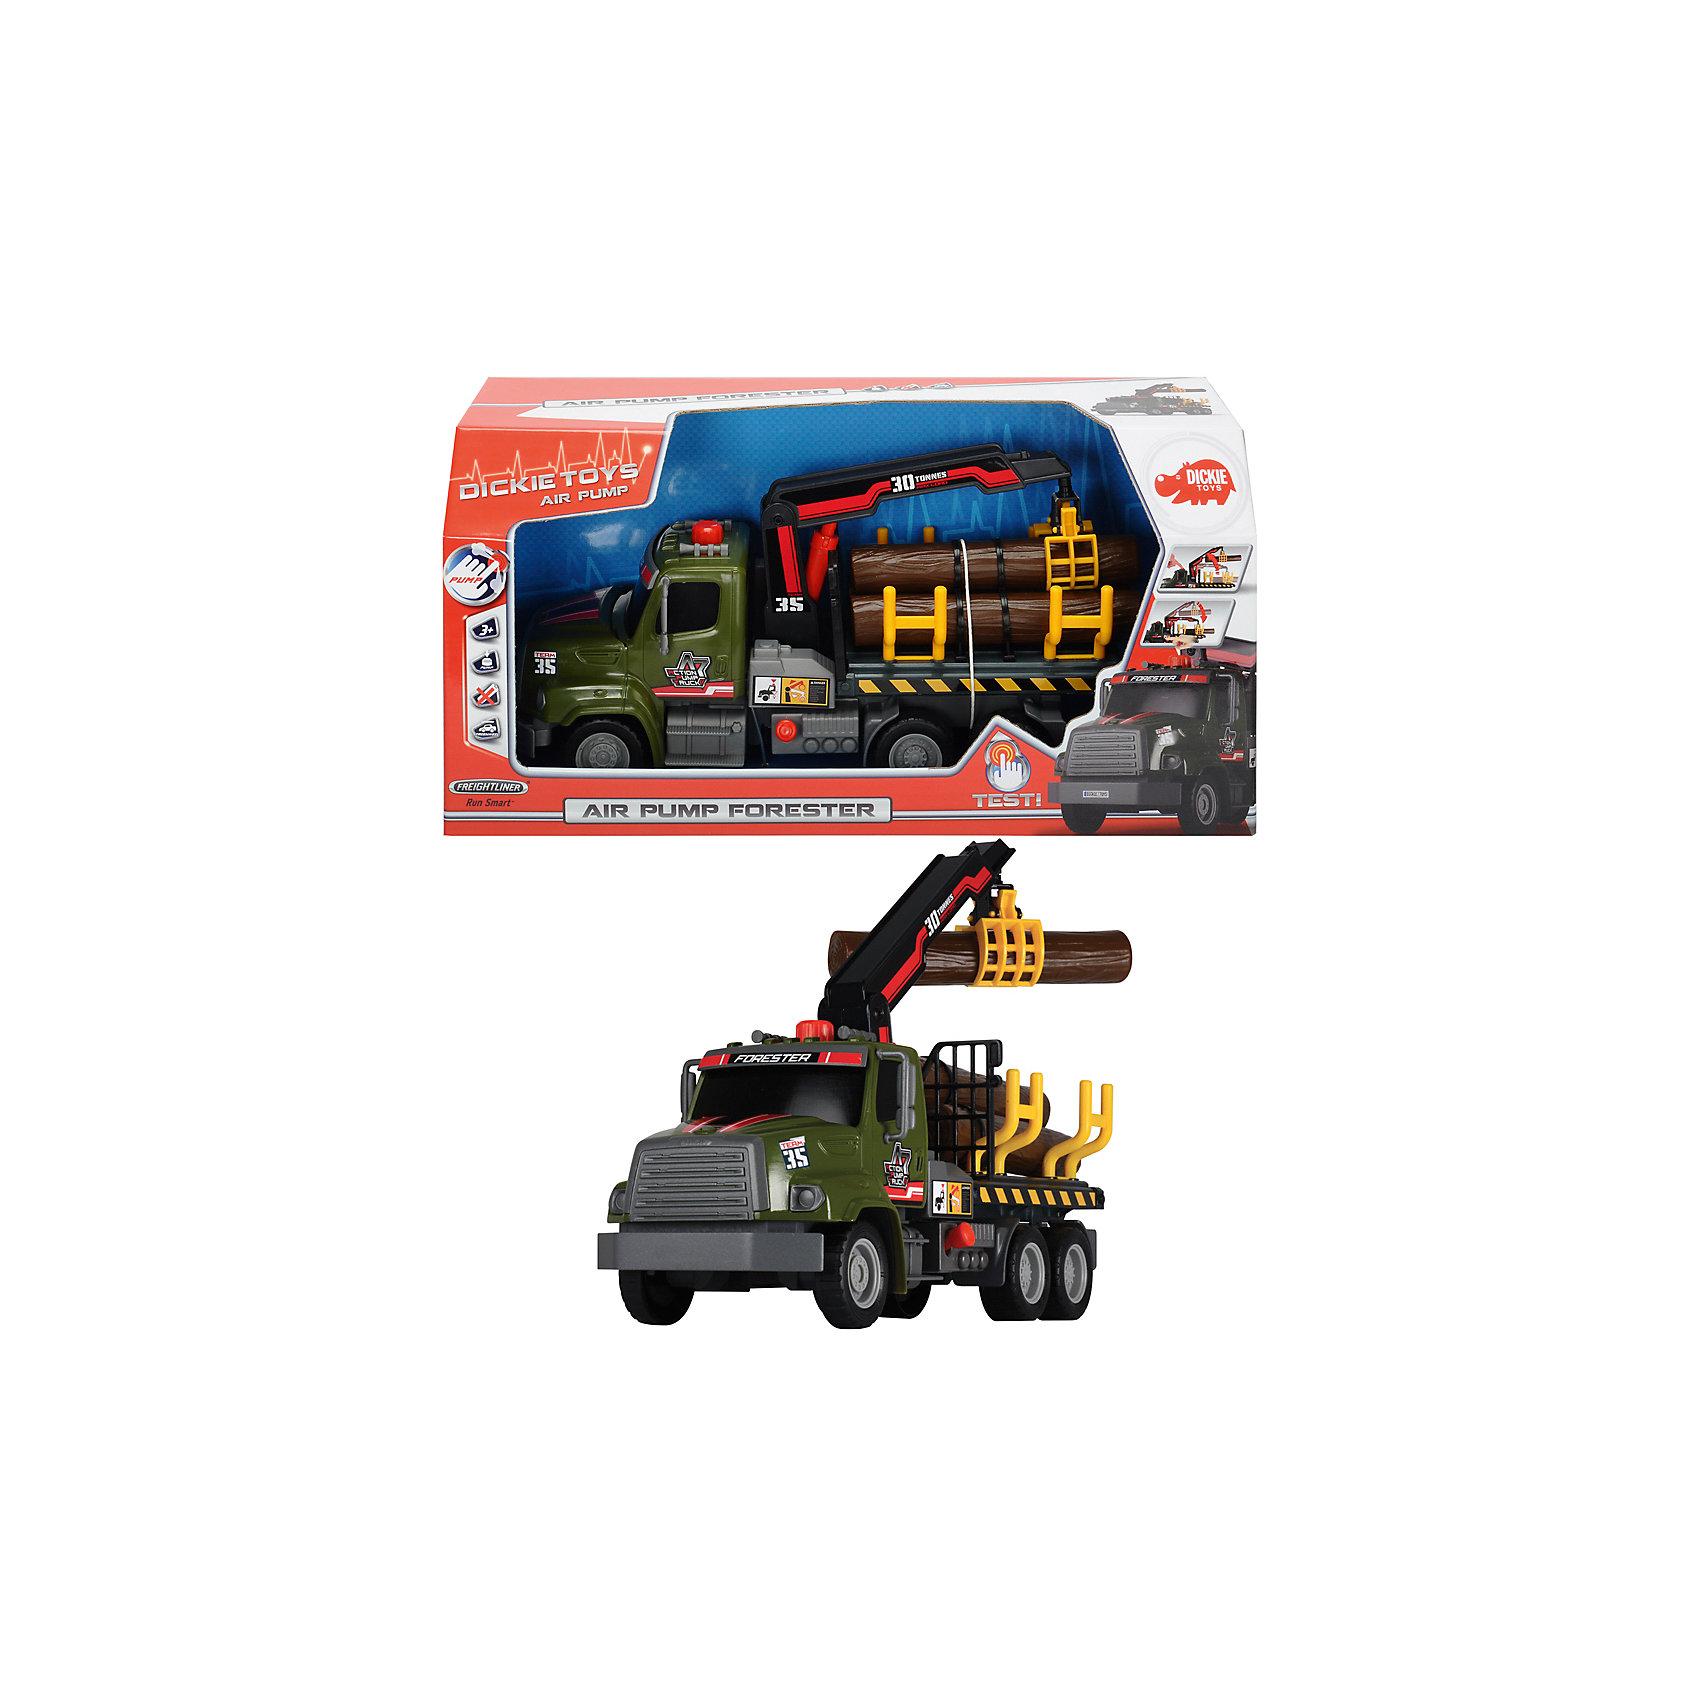 Грузовик с манипулятором, 32см, DickieМногофункциональный грузовик, оснащенный погрузчиком обязательно понравится мальчикам. Машинка оснащена фрикционным механизмом и может двигаться самостоятельно в течение некоторого времени. Грузовик предназначен для обеспечения погрузочно-разгрузочных работ, поэтому снабжен подвижным краном с приспособлениями для захвата грузов.  Машина прекрасно детализирована, имеет специальные опоры для устойчивости и подвижные колеса с широкими рельефными протекторами. Игрушка выполнена из прочных экологичных материалов, в производстве которых использованы нетоксичные, безопасные красители. <br><br>Дополнительная информация:<br><br>- Материал: пластик, металл.<br>- Размер: 32 см.<br>- Подвижные колеса.<br>- Механизм захвата груза.<br>- Комплектация: груз, машинка. <br><br>Грузовик с манипулятором, 32см, Dickie (Дикки), можно купить в нашем магазине.<br><br>Ширина мм: 402<br>Глубина мм: 203<br>Высота мм: 134<br>Вес г: 696<br>Возраст от месяцев: 36<br>Возраст до месяцев: 84<br>Пол: Мужской<br>Возраст: Детский<br>SKU: 3816288